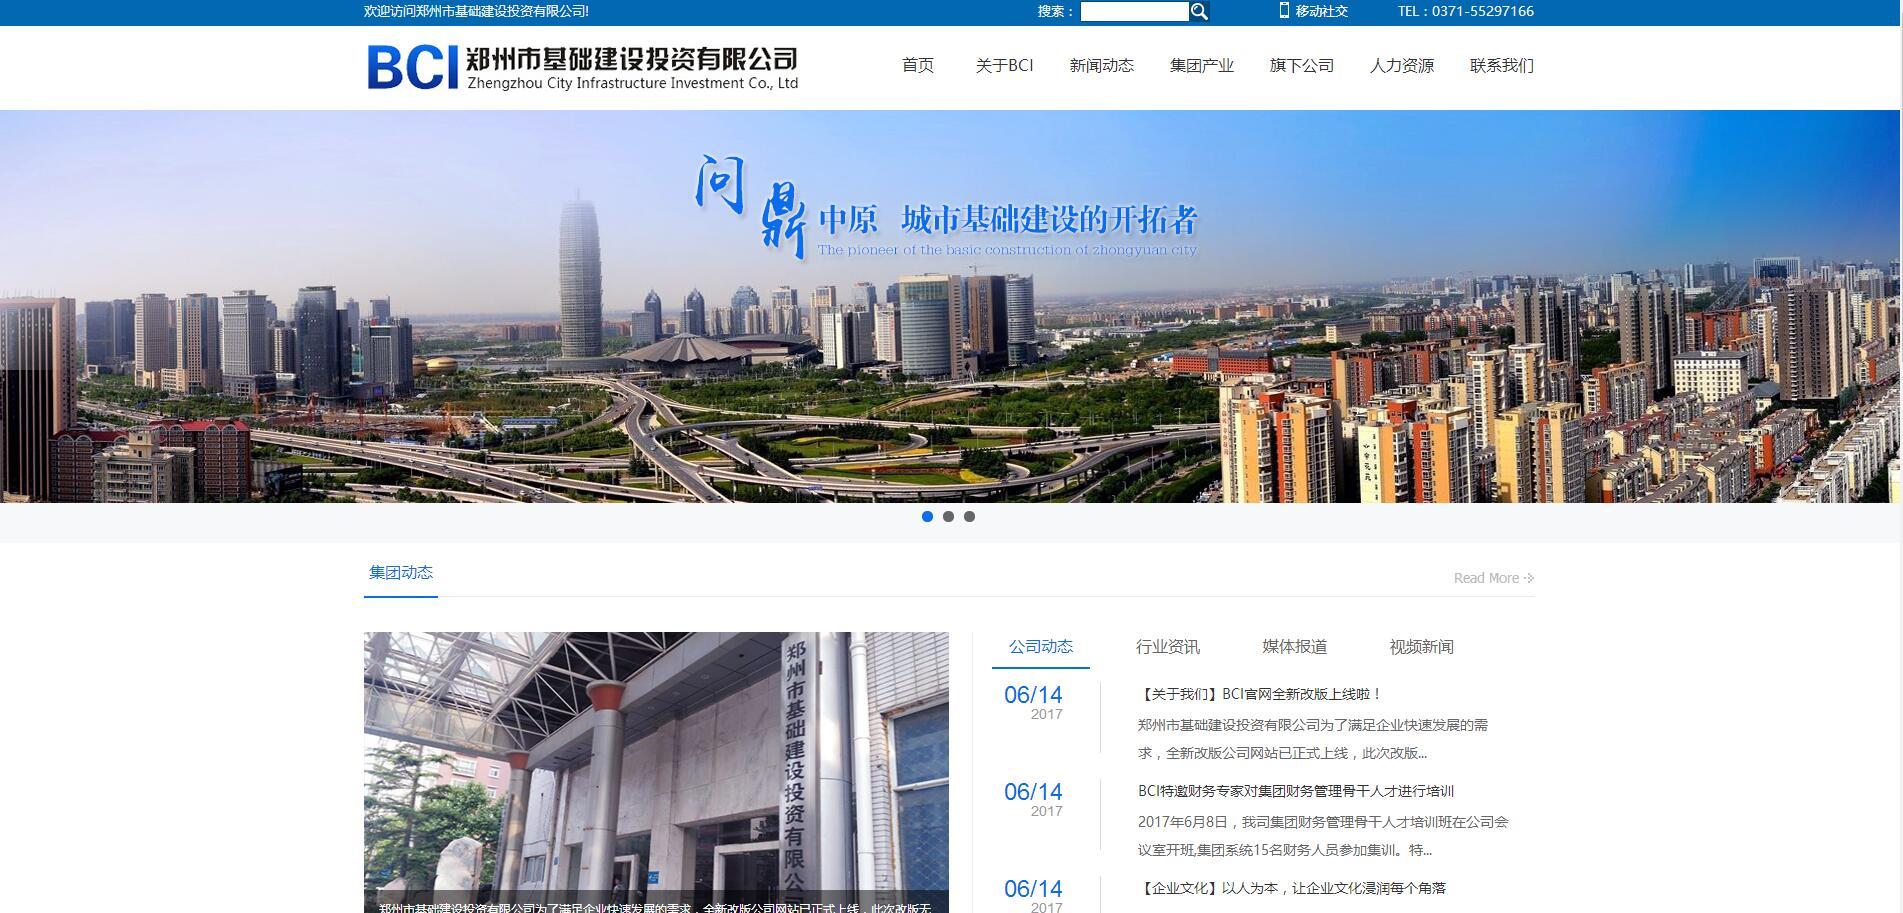 郑州市基础建设投资有限公司